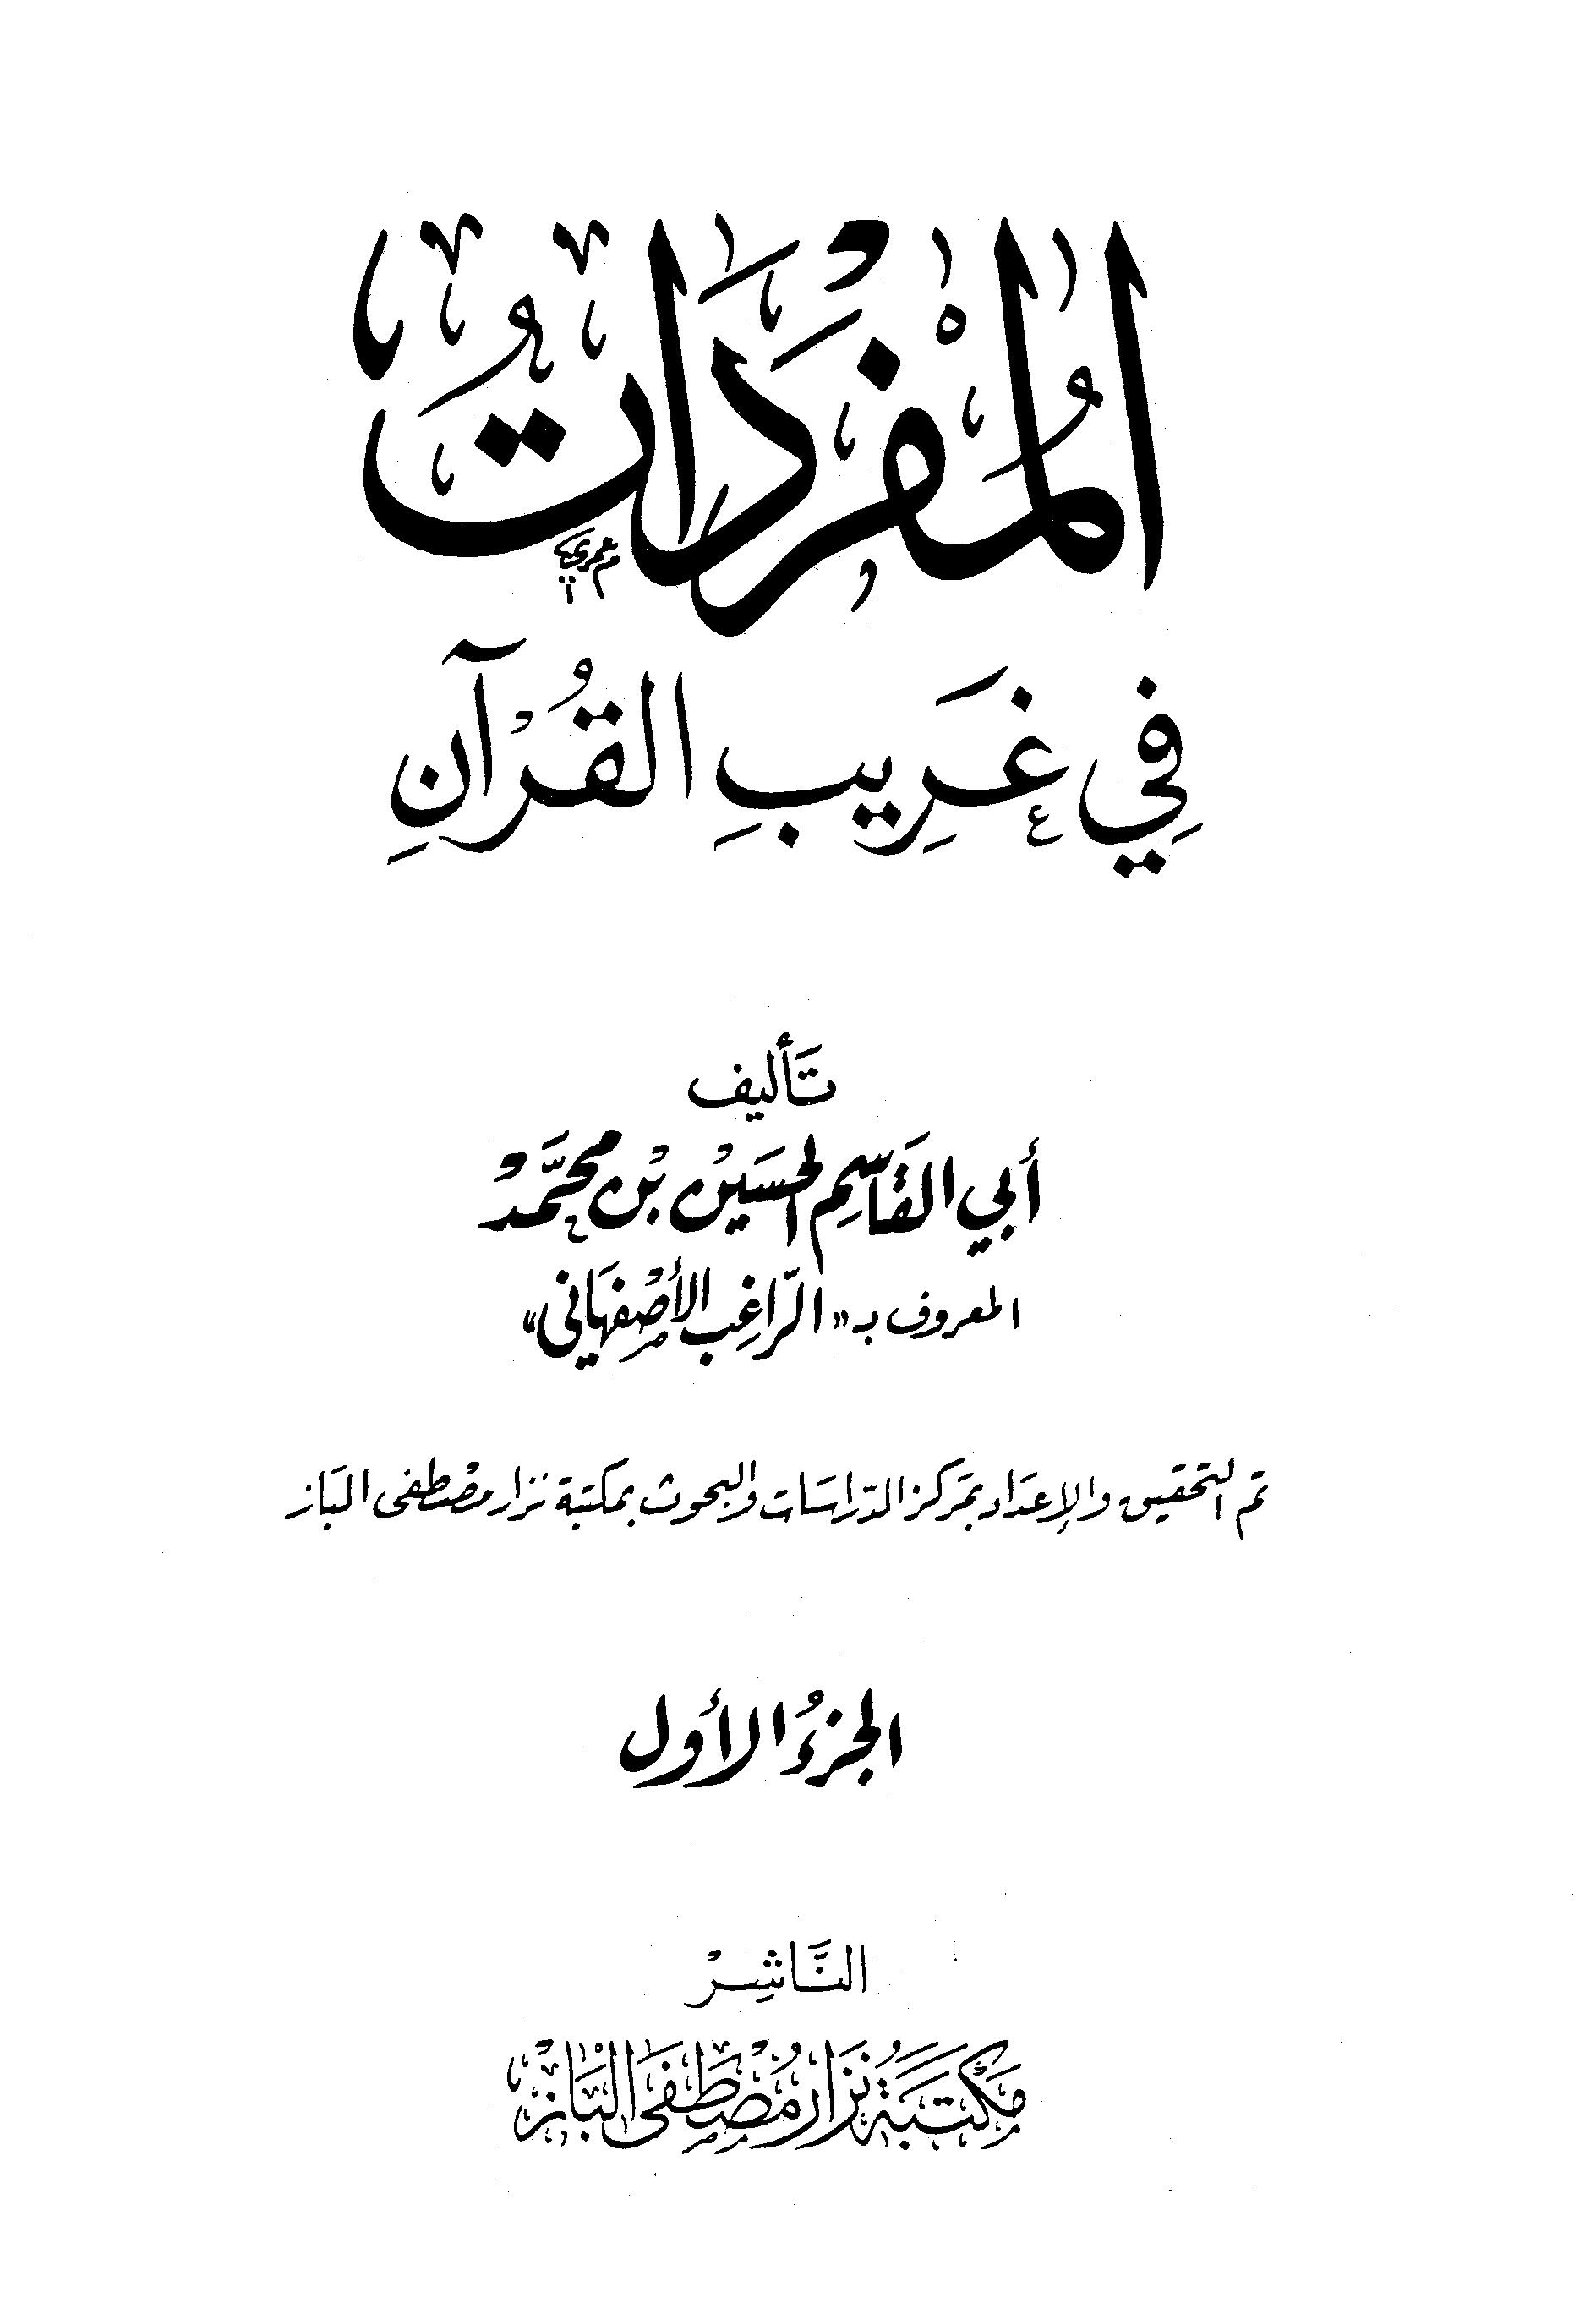 تحميل كتاب المفردات في غريب القرآن (ت الباز) لـِ: الإمام أبو القاسم الحسين بن محمد، المعروف بالراغب الأصفهاني (ت 502)